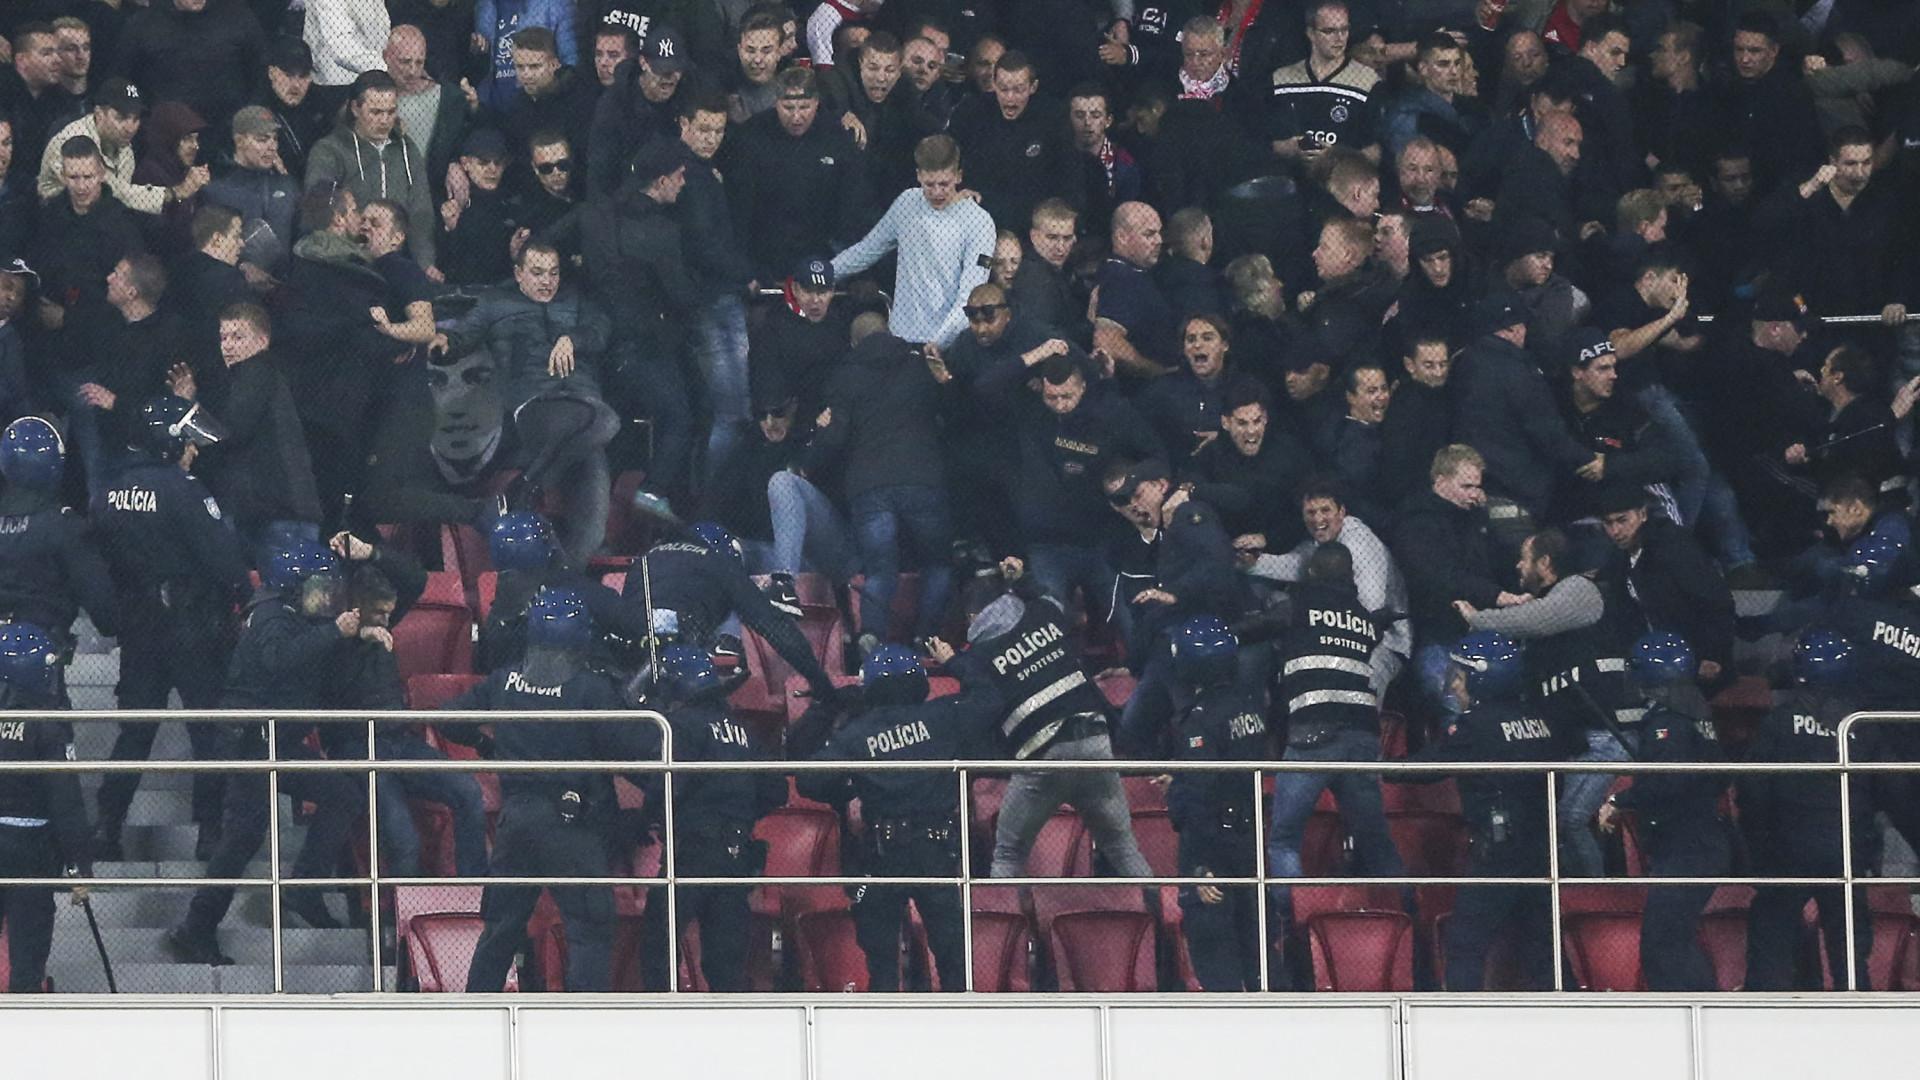 Distúrbios provocam ferido e danos em hotel após jogo Benfica-Ajax